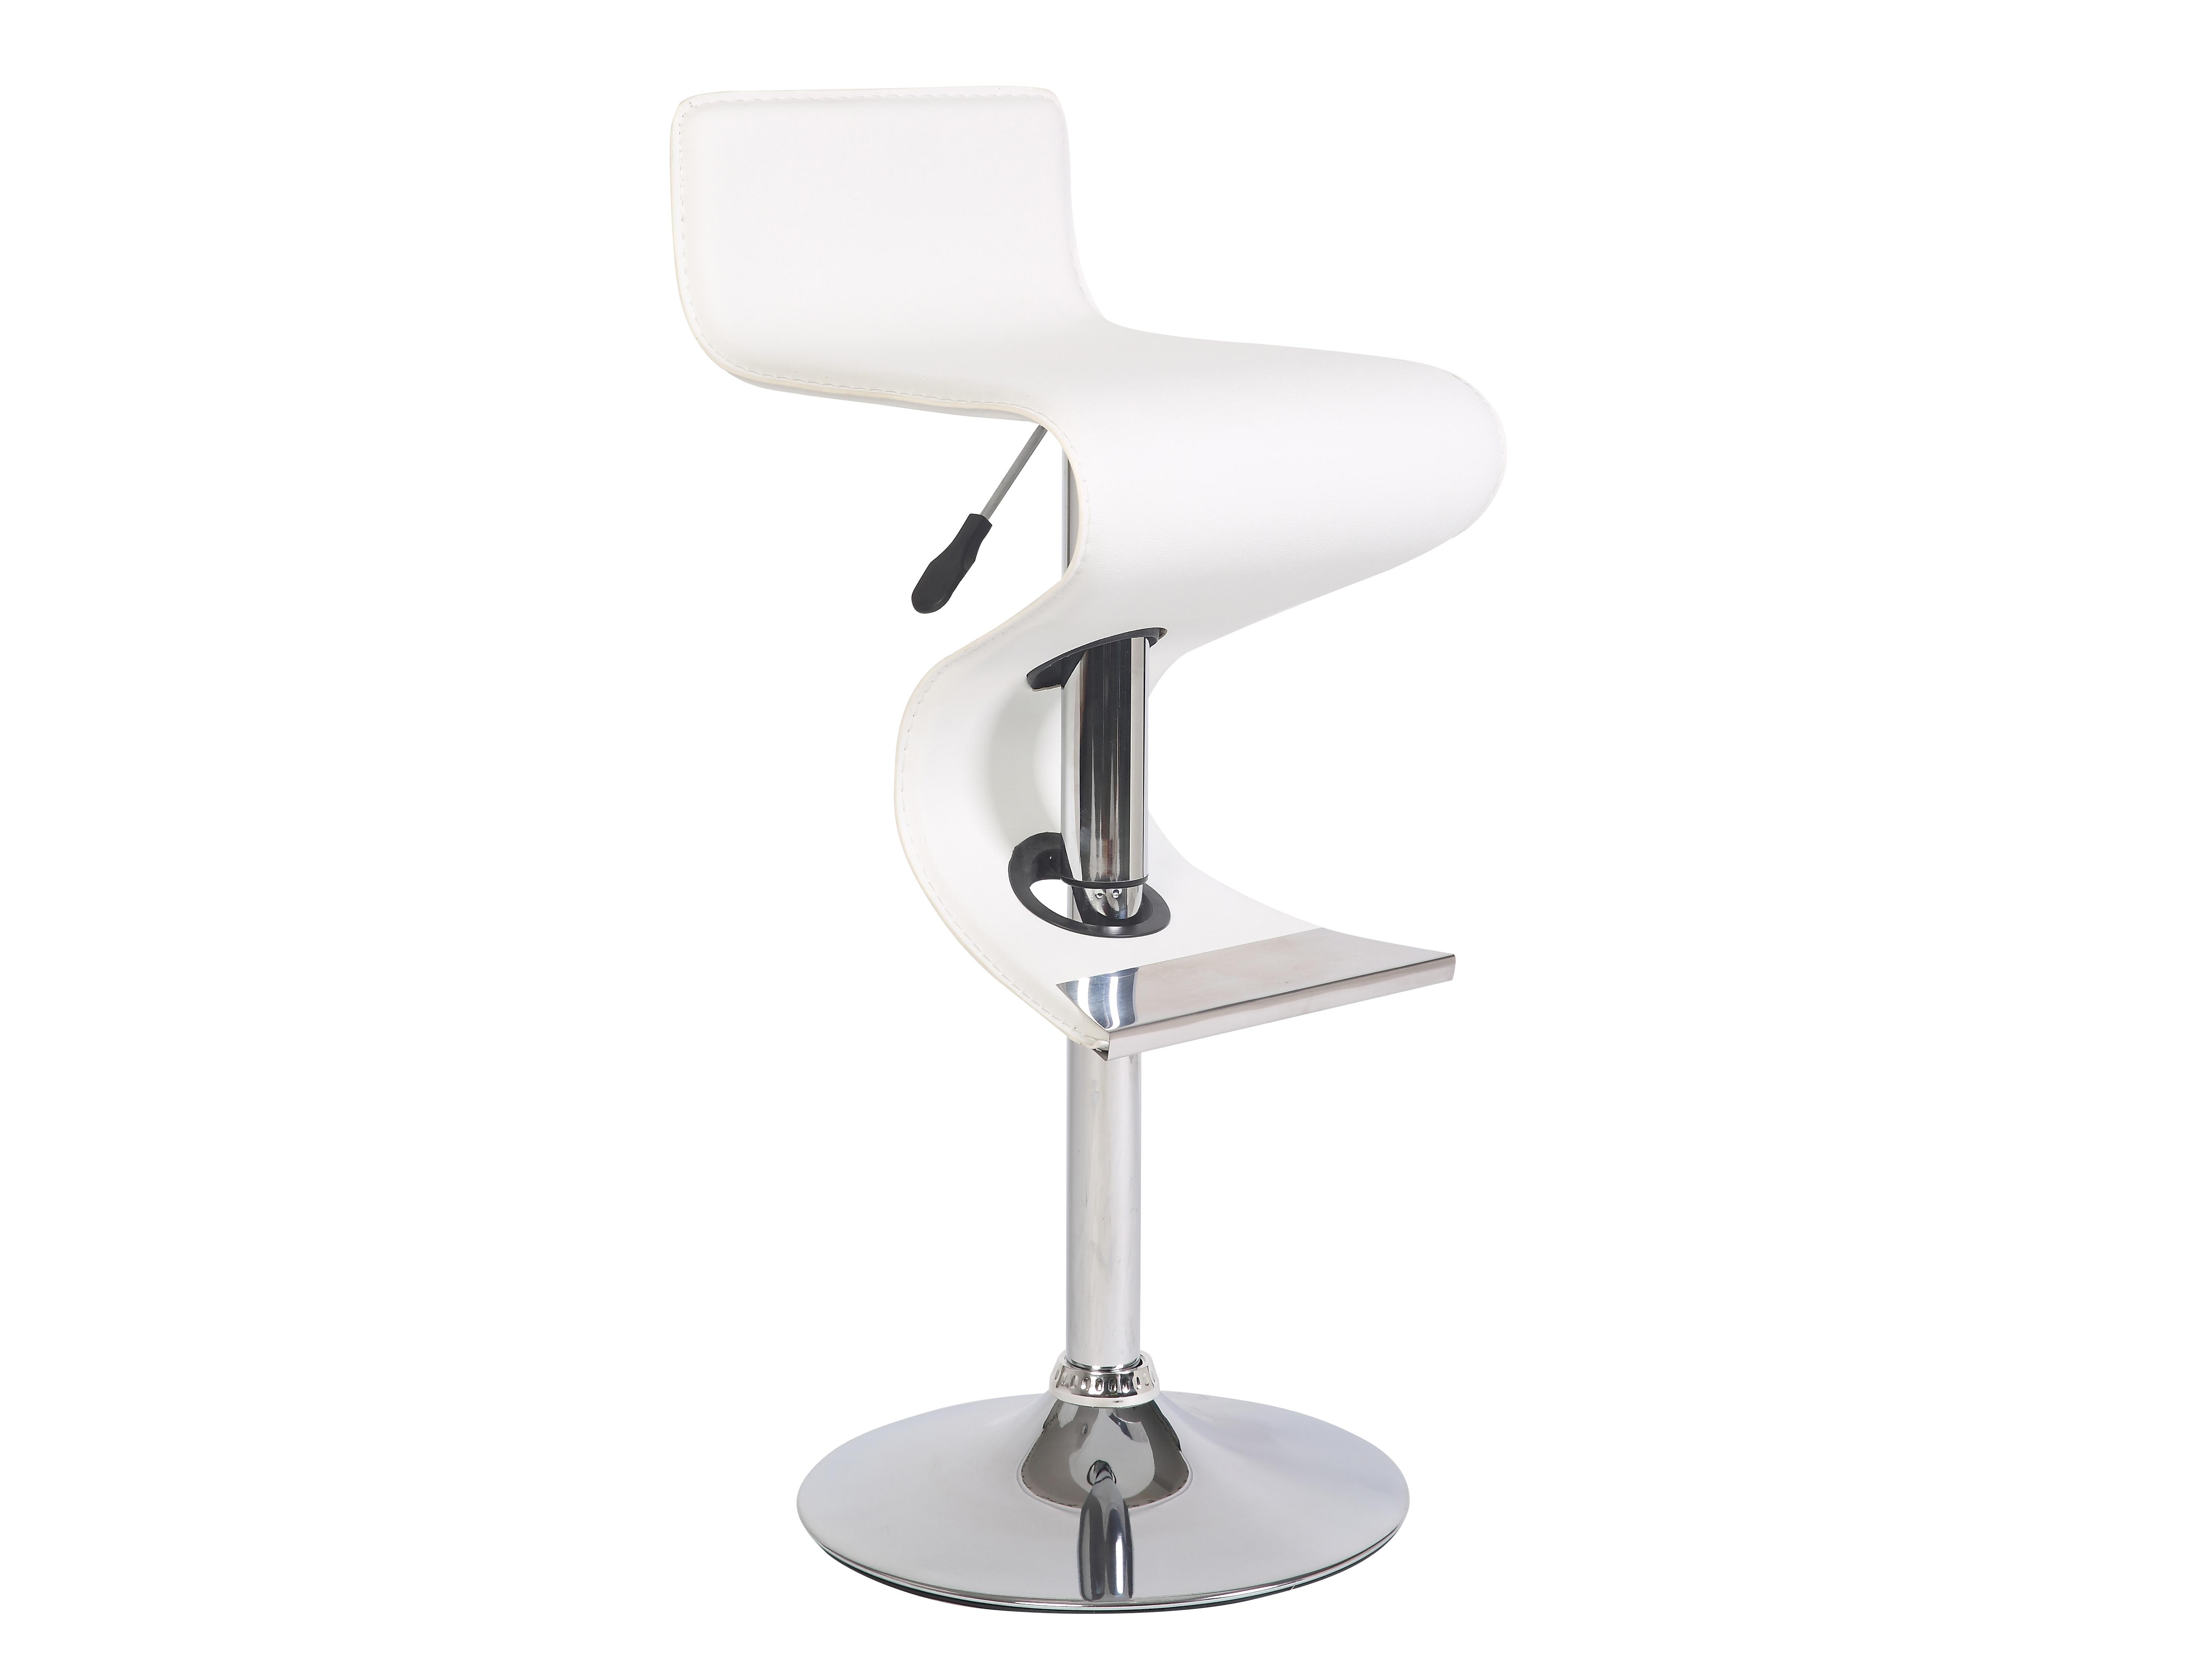 Стул барный JY958-1 белыйБарные стулья<br>Материал: Экокожа, хром<br><br>Material: Кожа<br>Width см: 49<br>Depth см: 45<br>Height см: 92